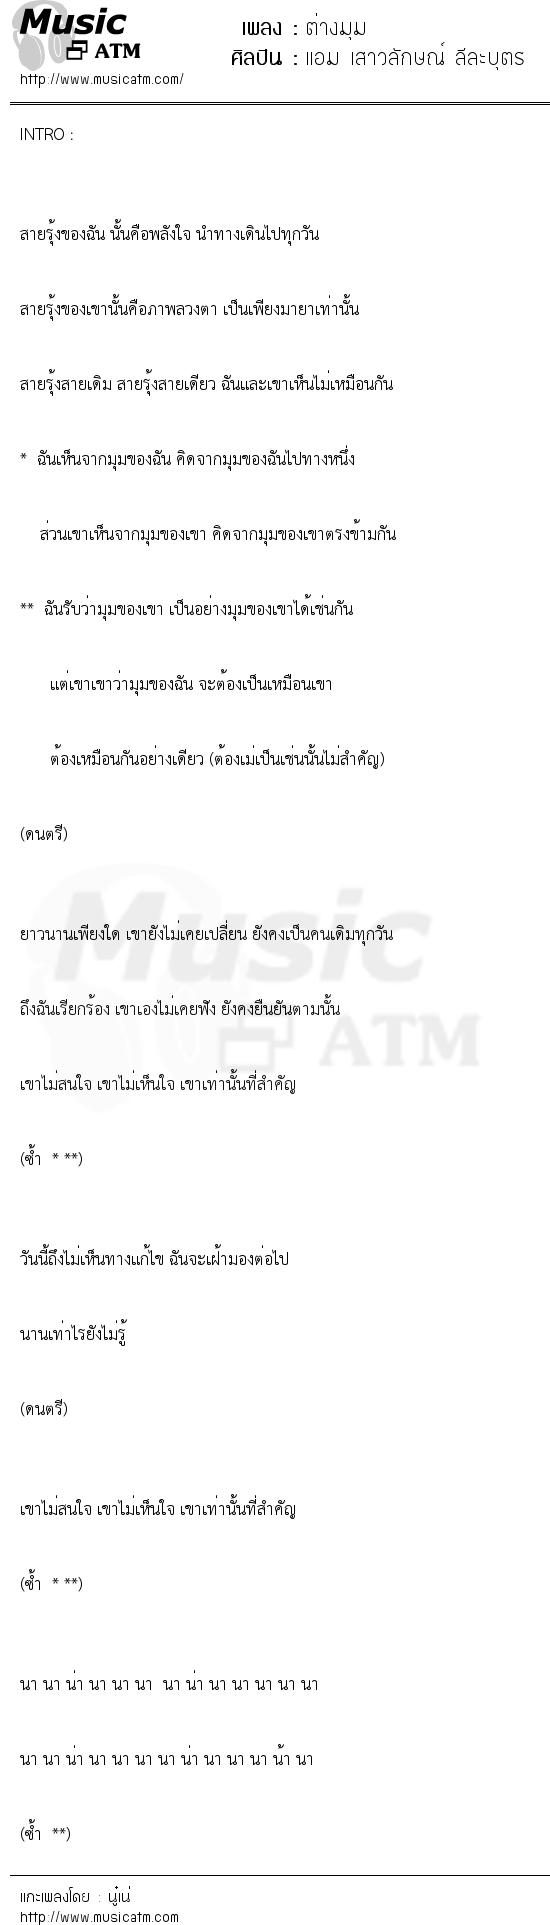 ต่างมุม | เพลงไทย